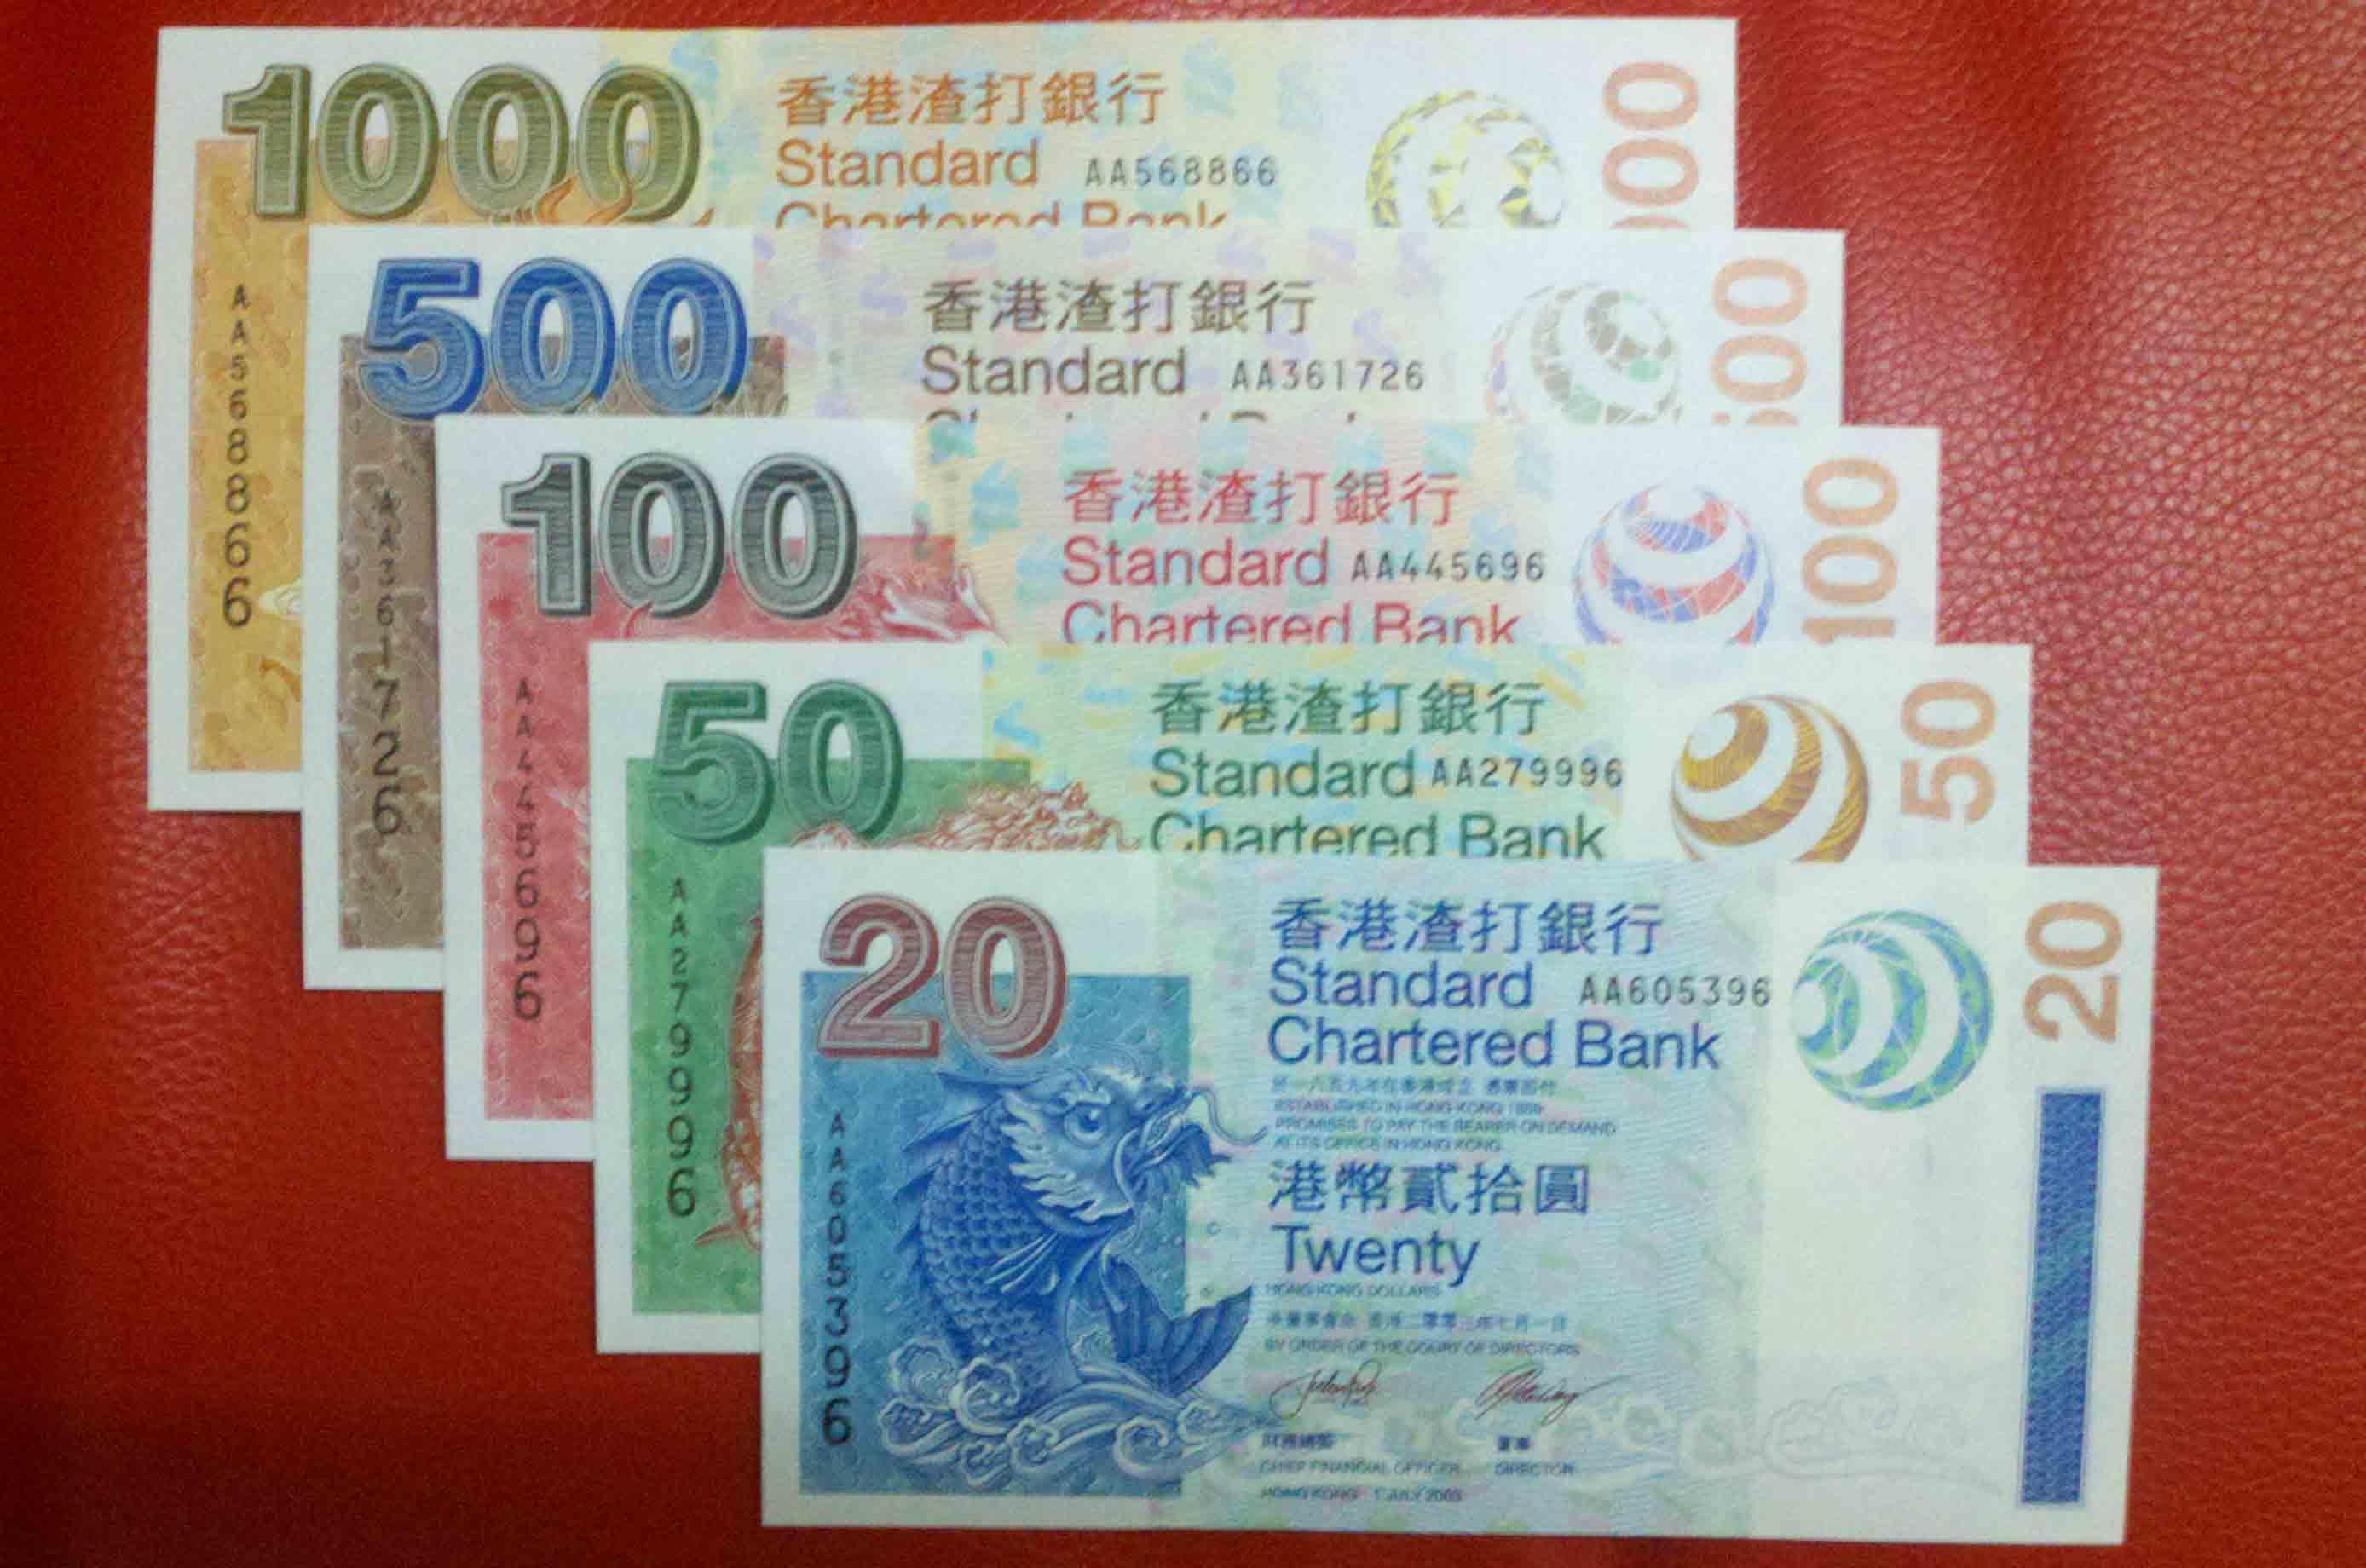 请问2003年香港渣打银行版的港币是否能兑换人民币?面值1000元